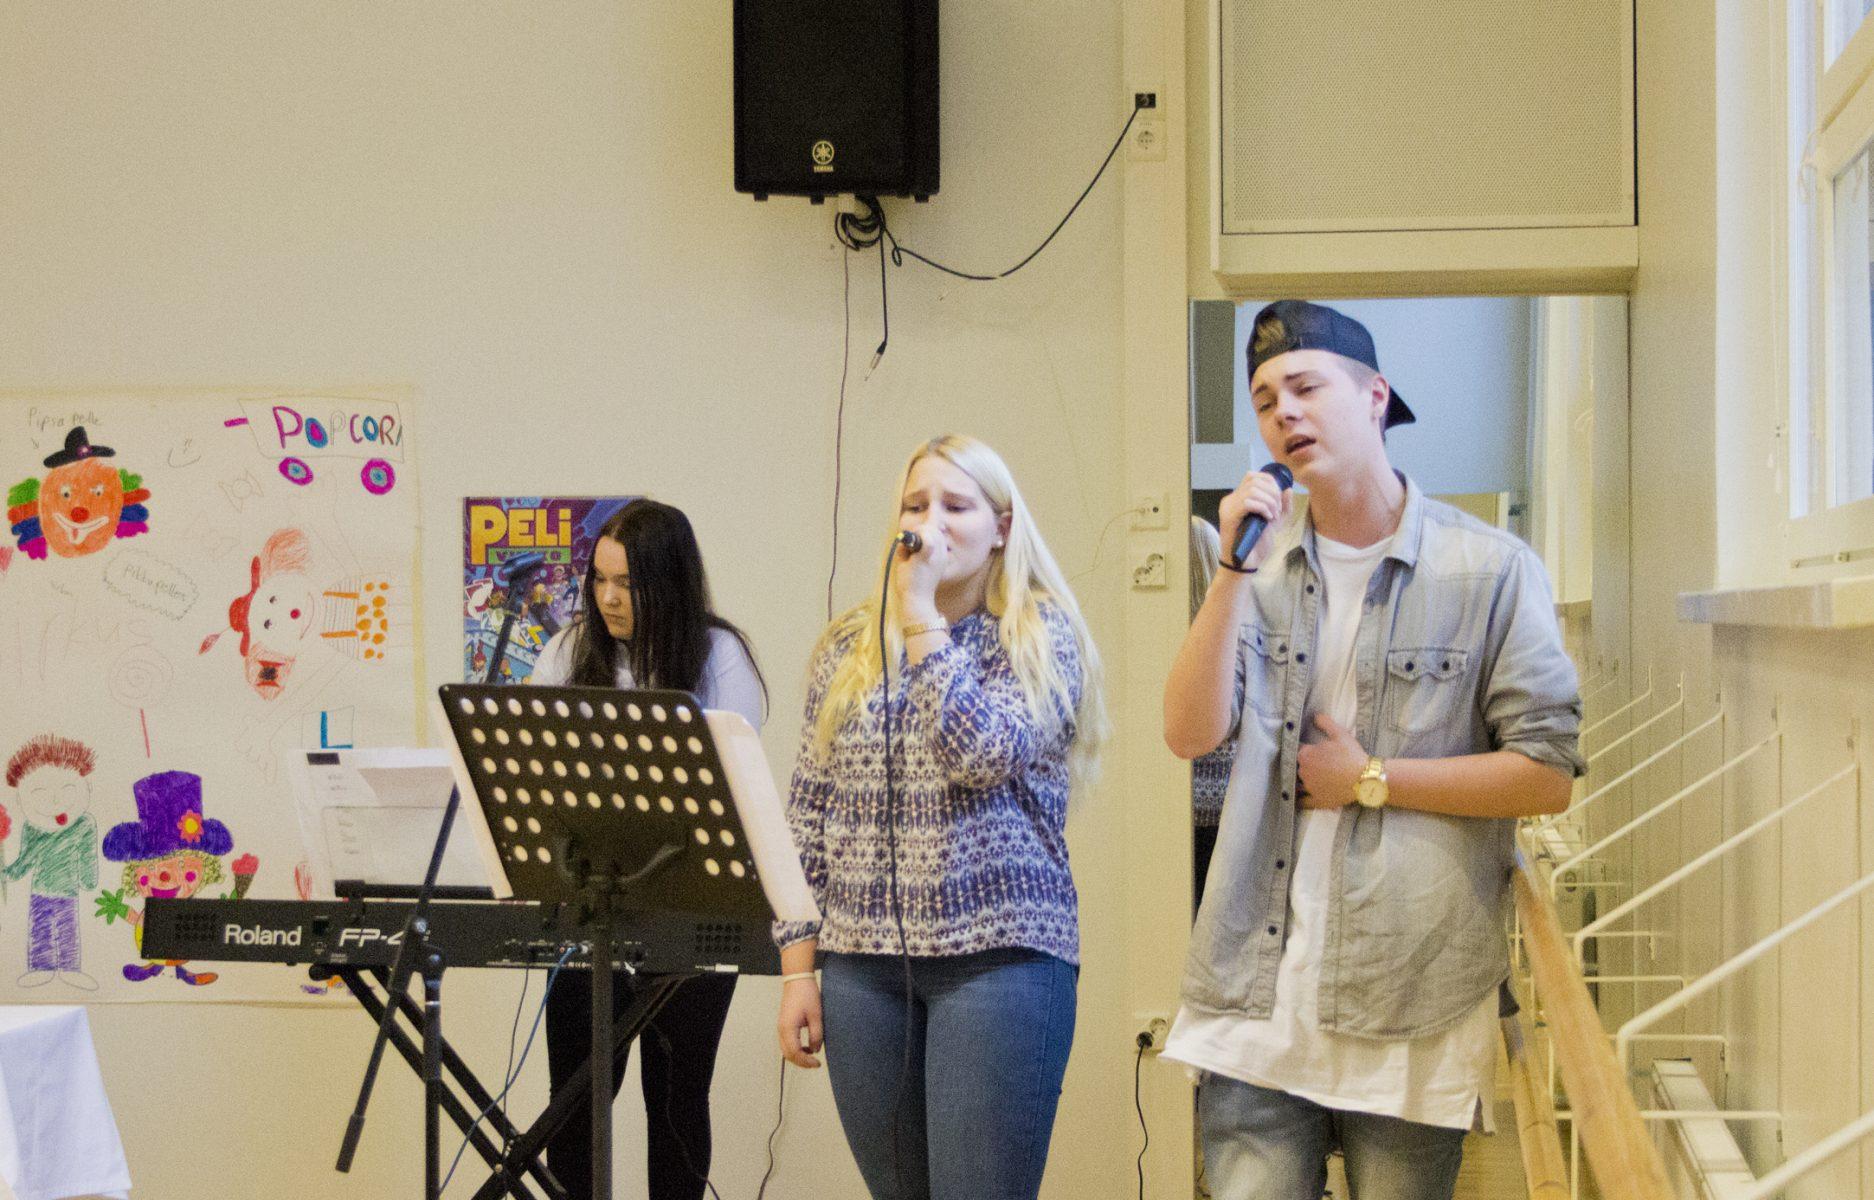 Ala-Keiteleen musiikkiopiston nuoret Anna Roimela, Ellinoora Autio ja Valtteri Kautto vastasivat iltäpäivän musiikillisesta annista.